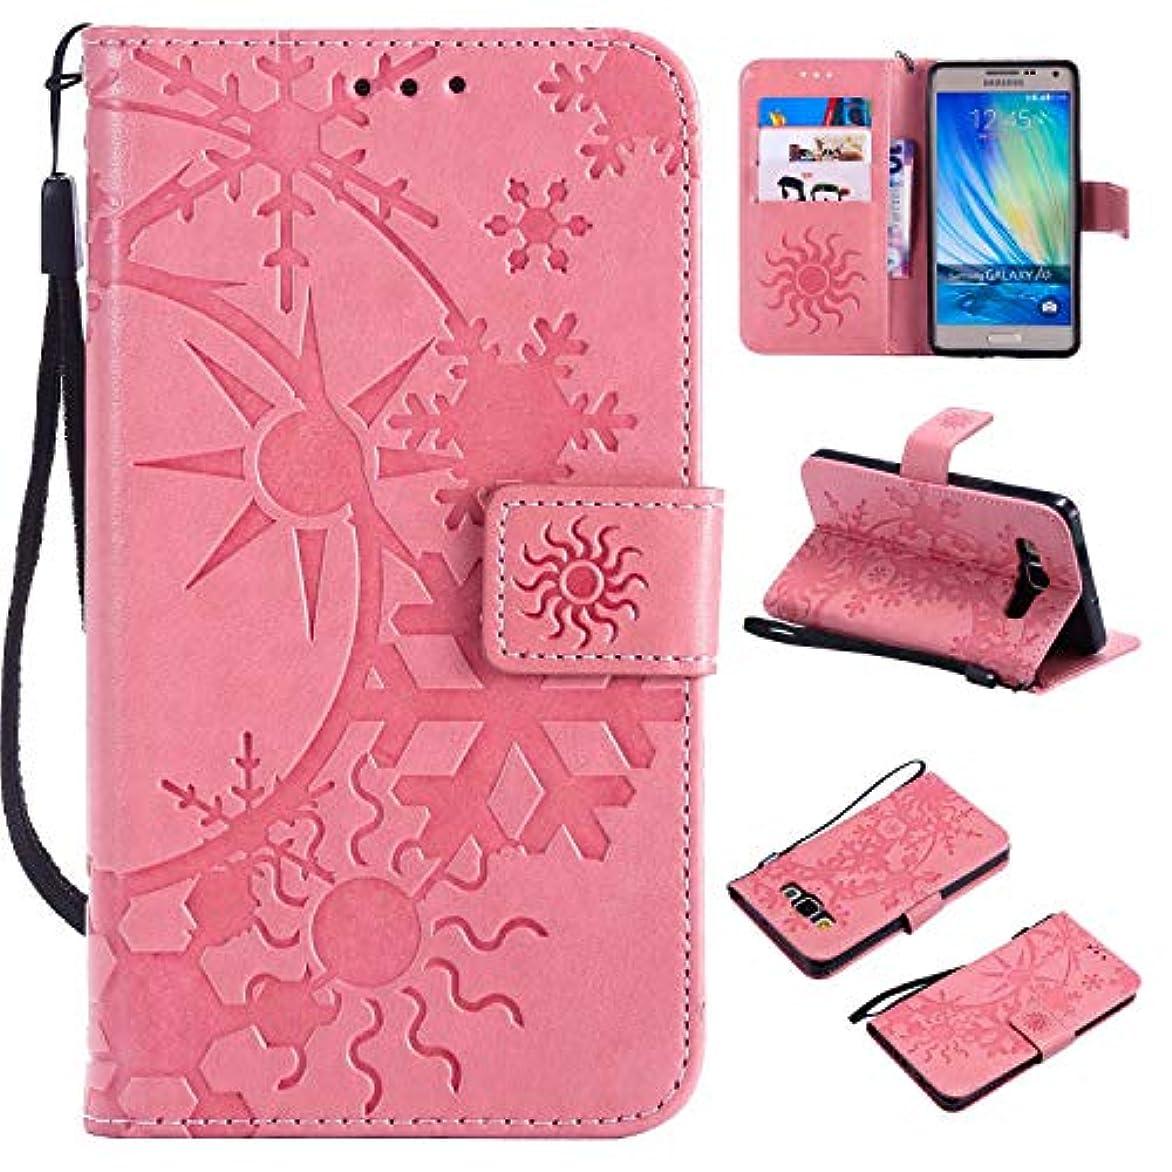 性格完全に乾く階下Galaxy A5 ケース CUSKING 手帳型 ケース ストラップ付き かわいい 財布 カバー カードポケット付き Samsung ギャラクシー A5 マジックアレイ ケース - ピンク